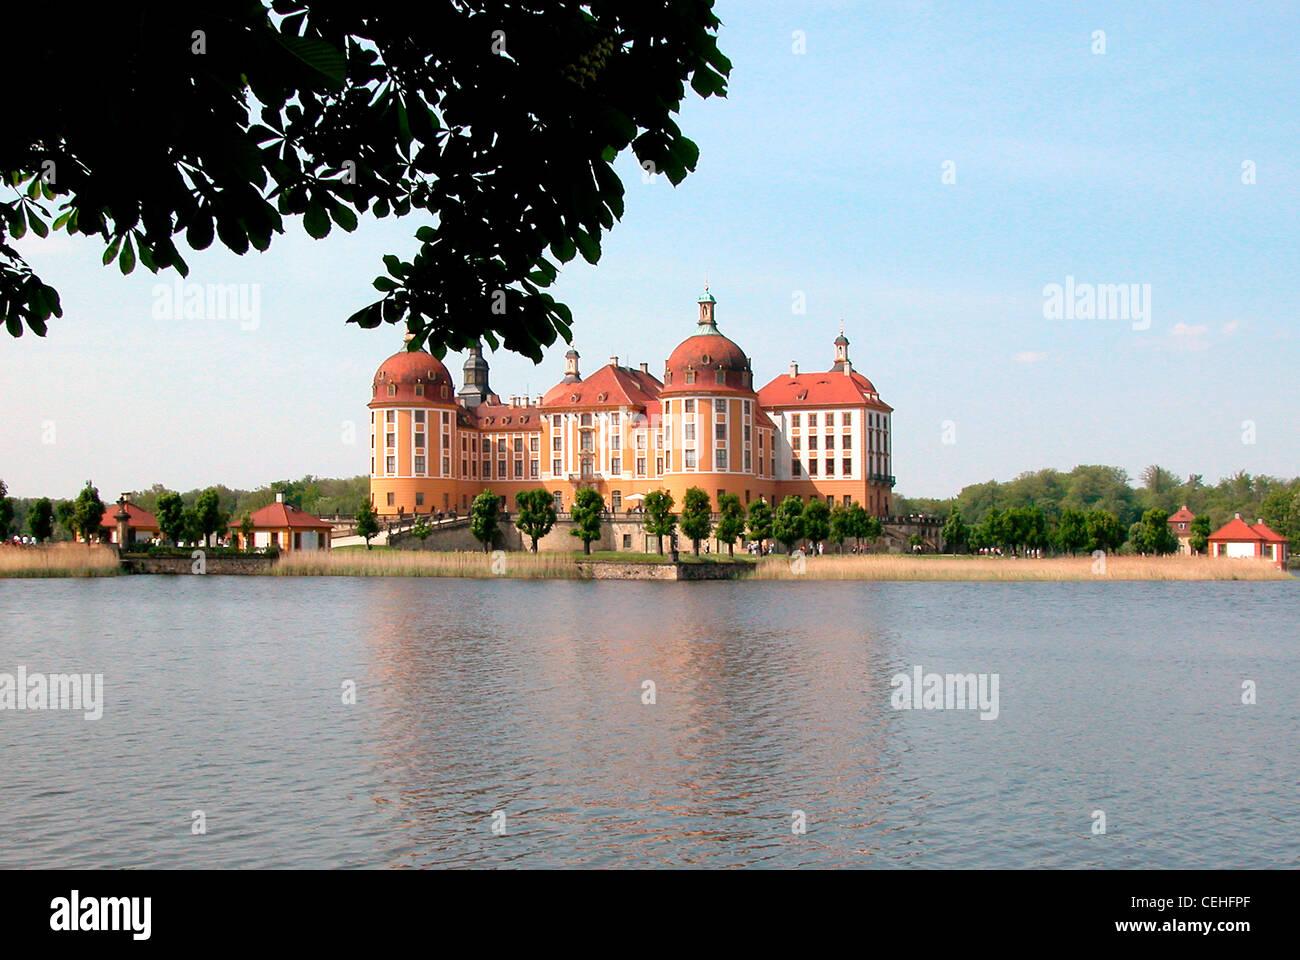 Schloss Moritzburg bei Dresden. Stockbild